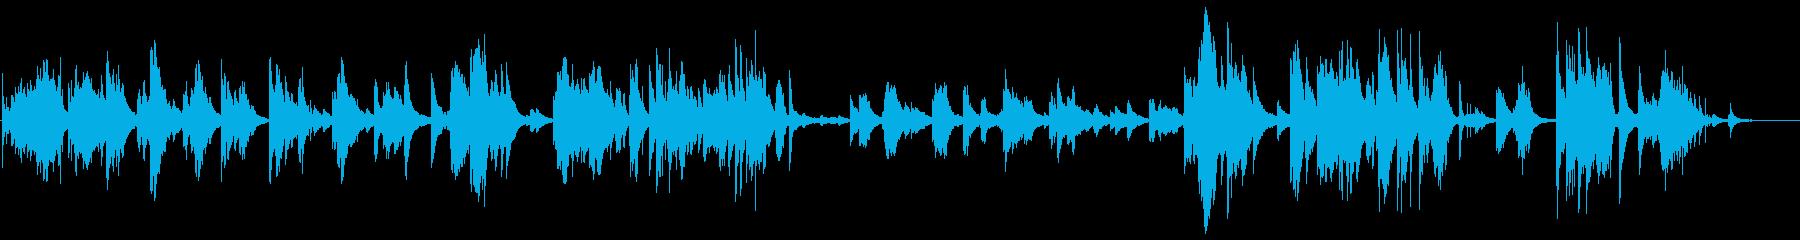 ロンドンデリー~ピアノで奏るラブロマンスの再生済みの波形